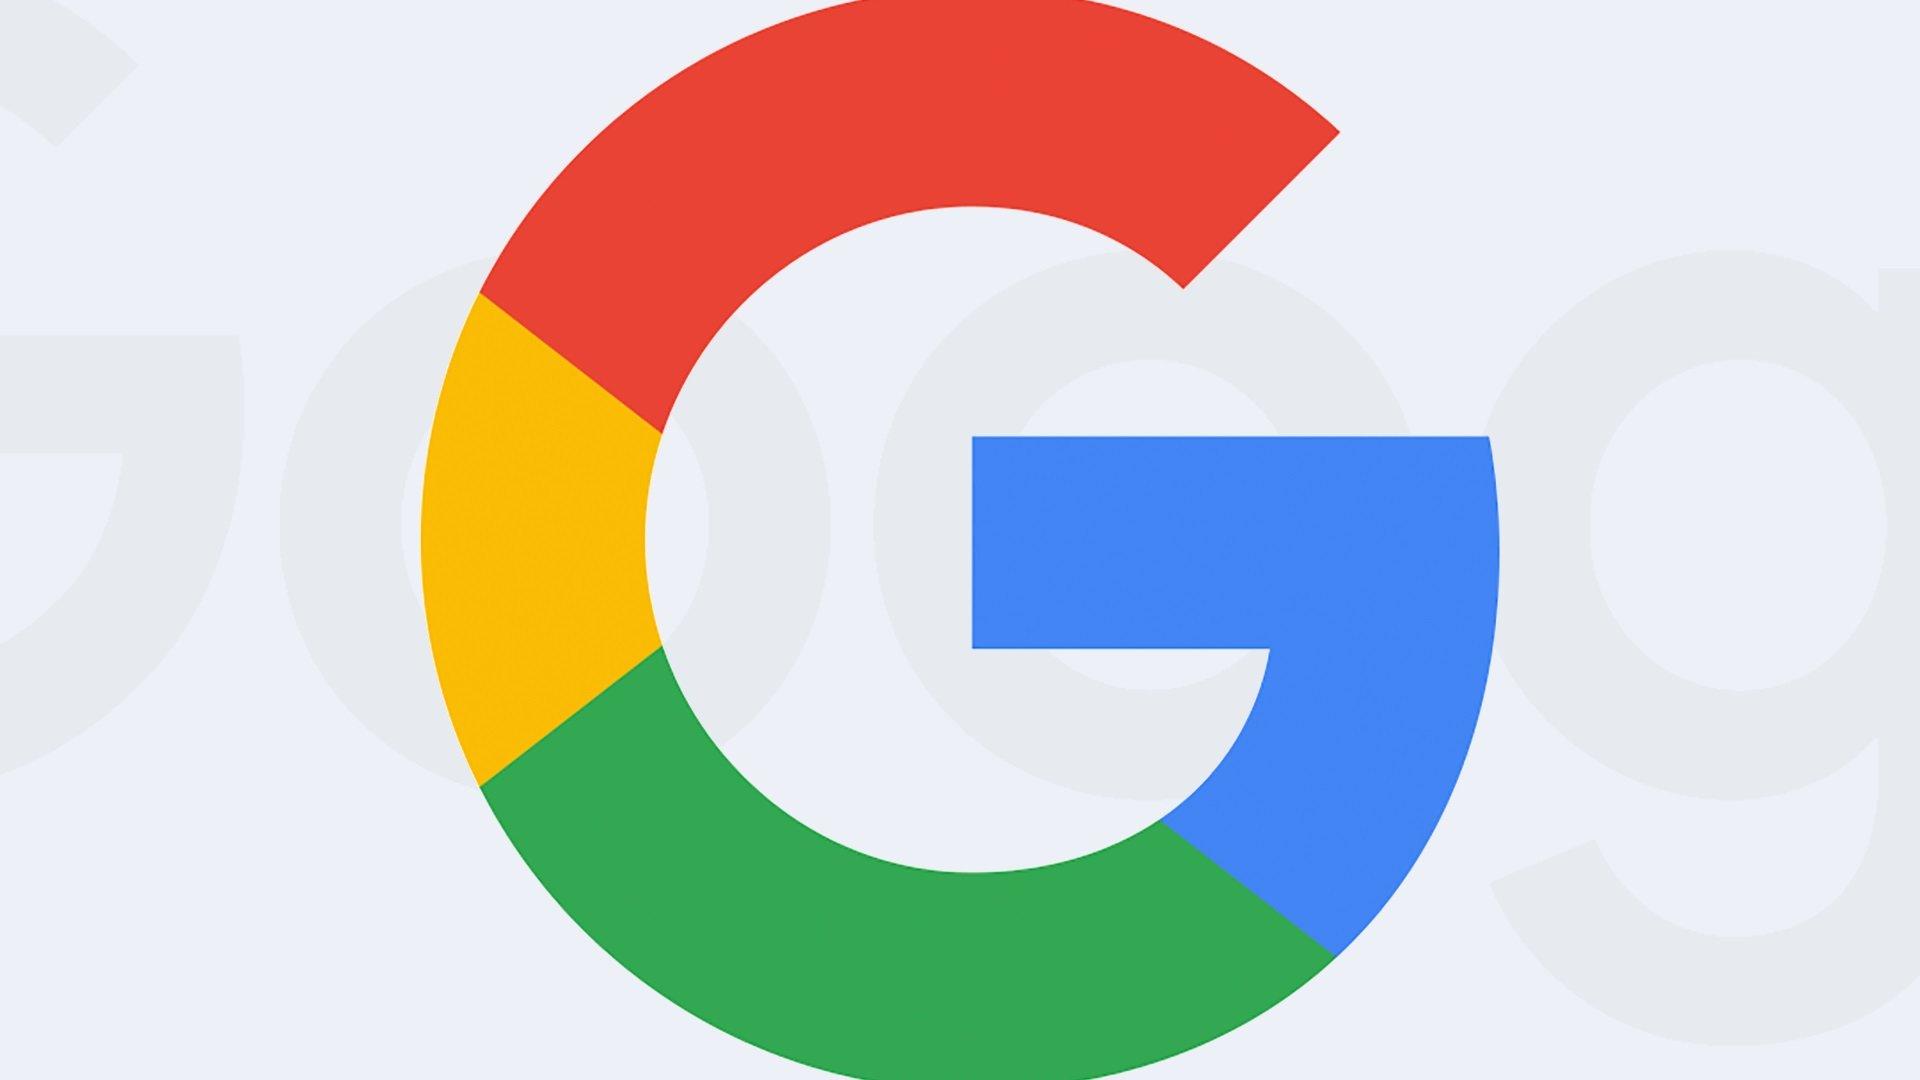 Google revela sistema de compressão de imagens Guetzli